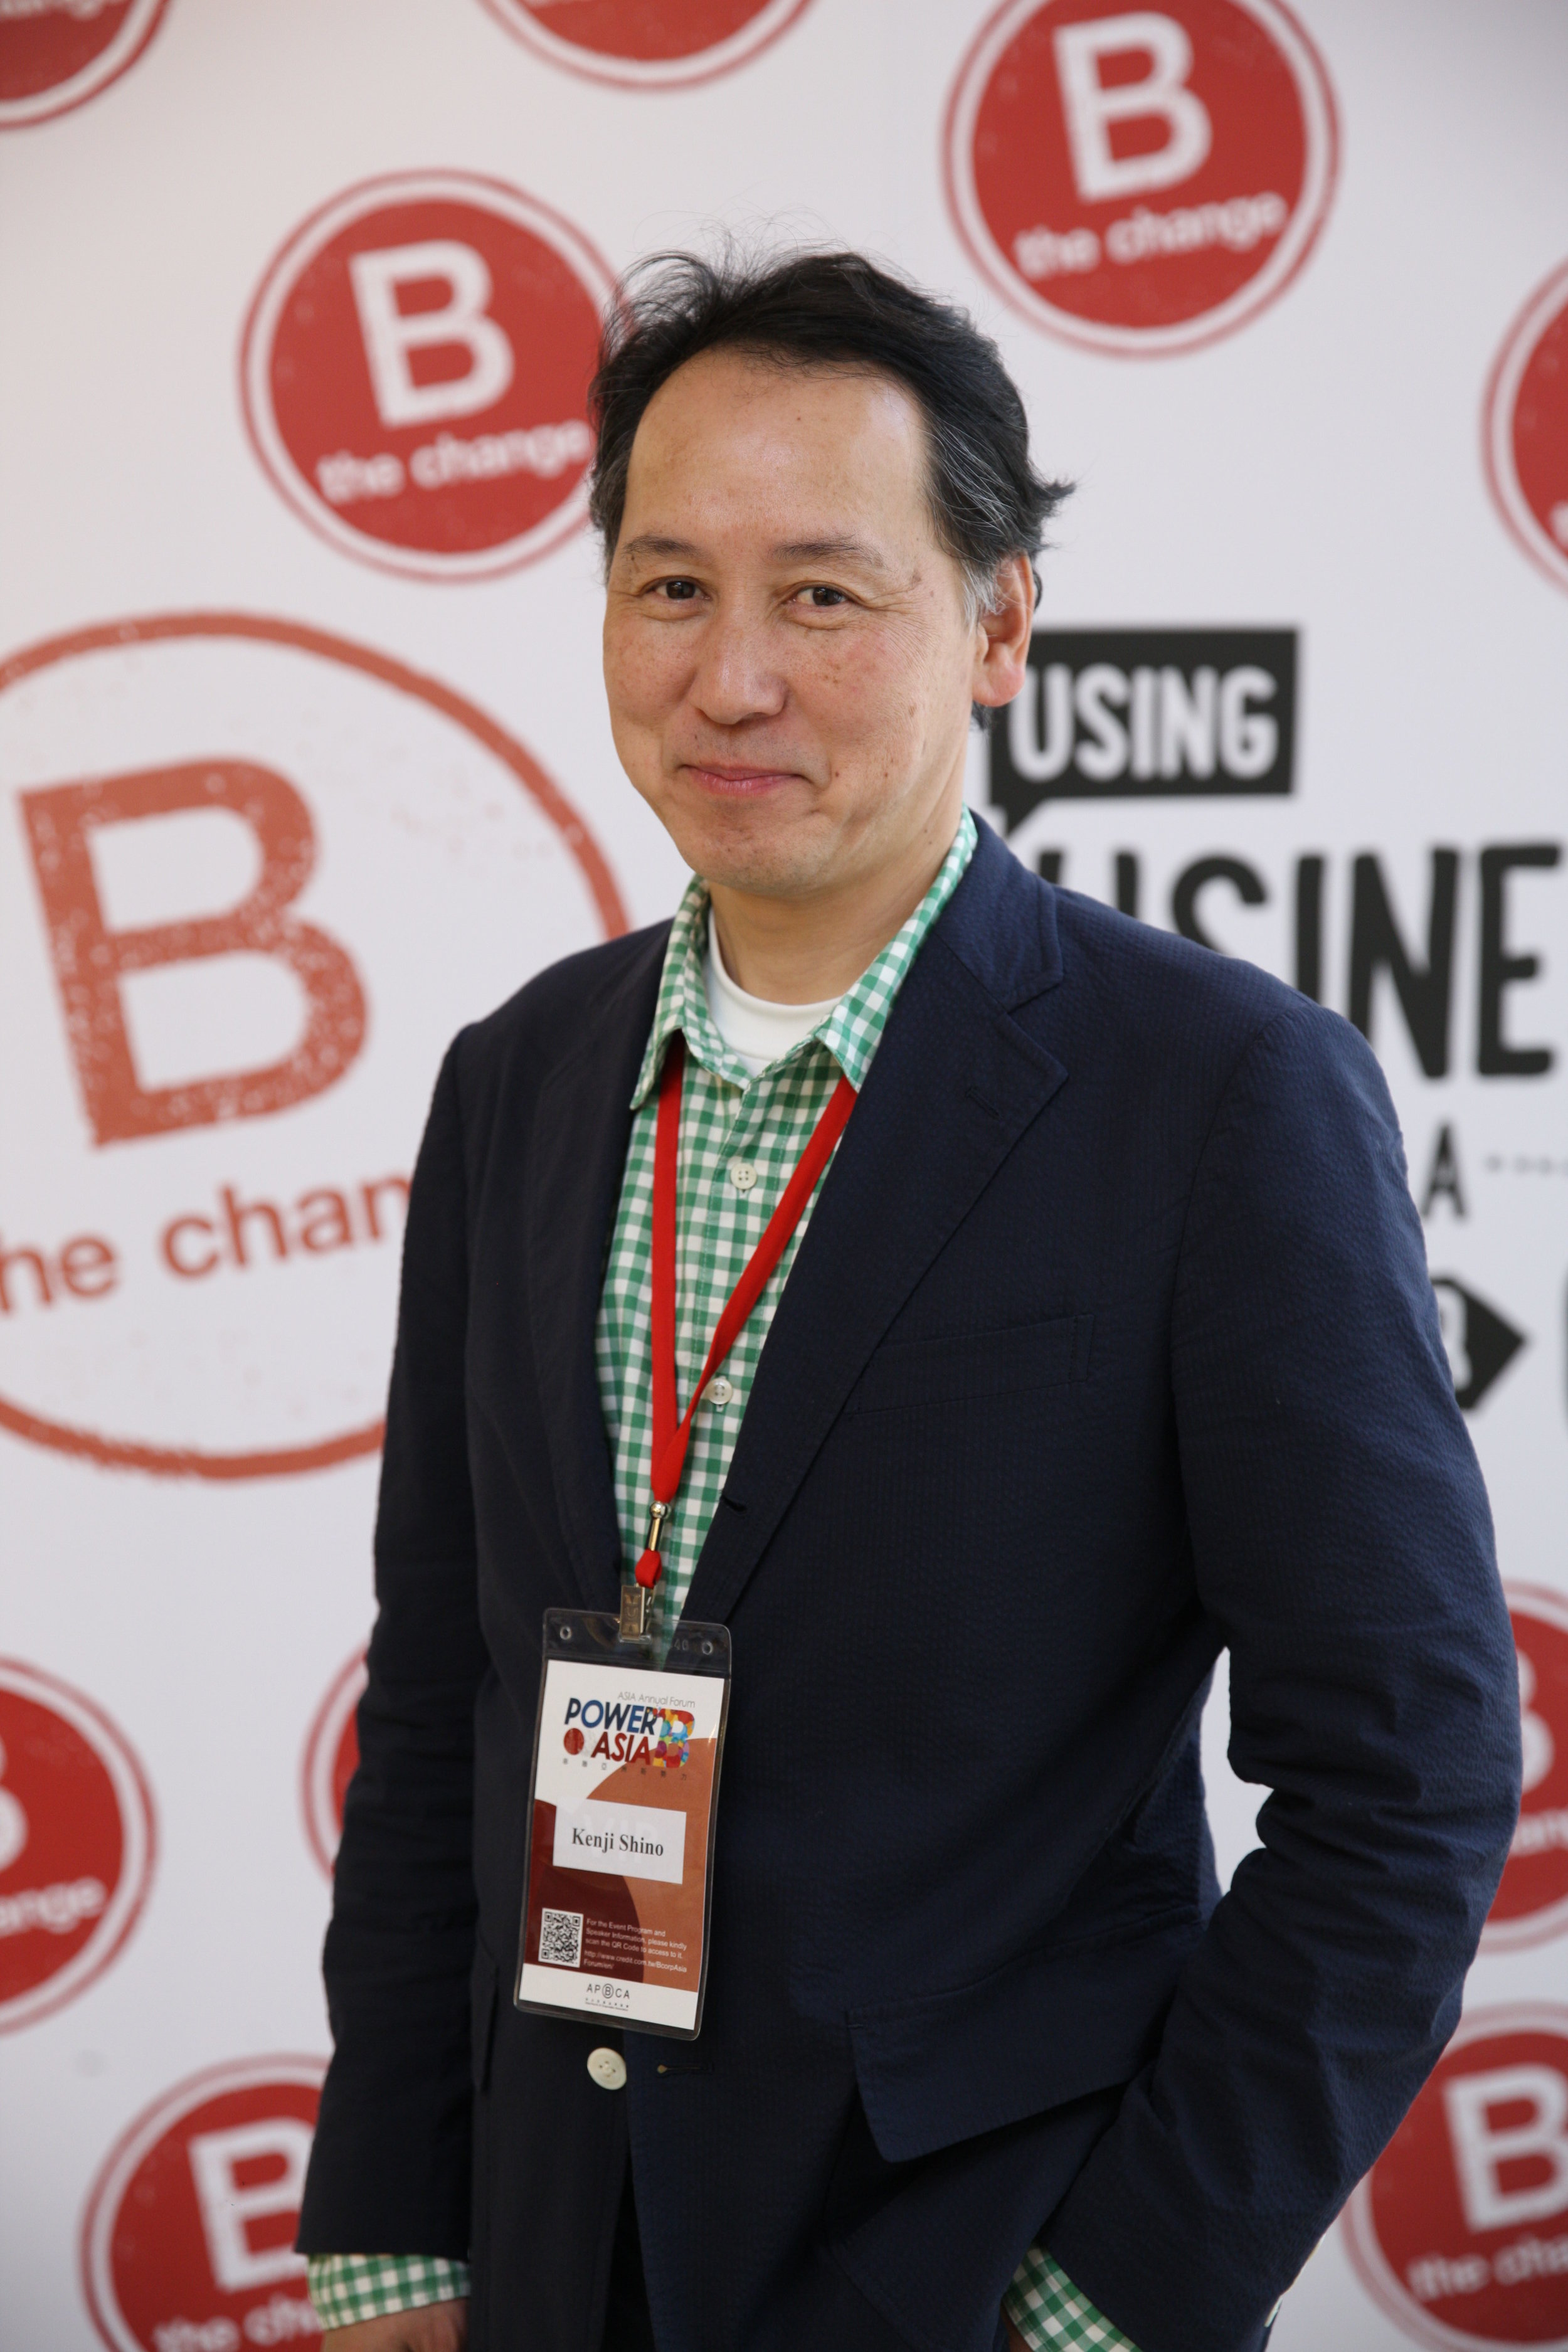 Kenji Shino